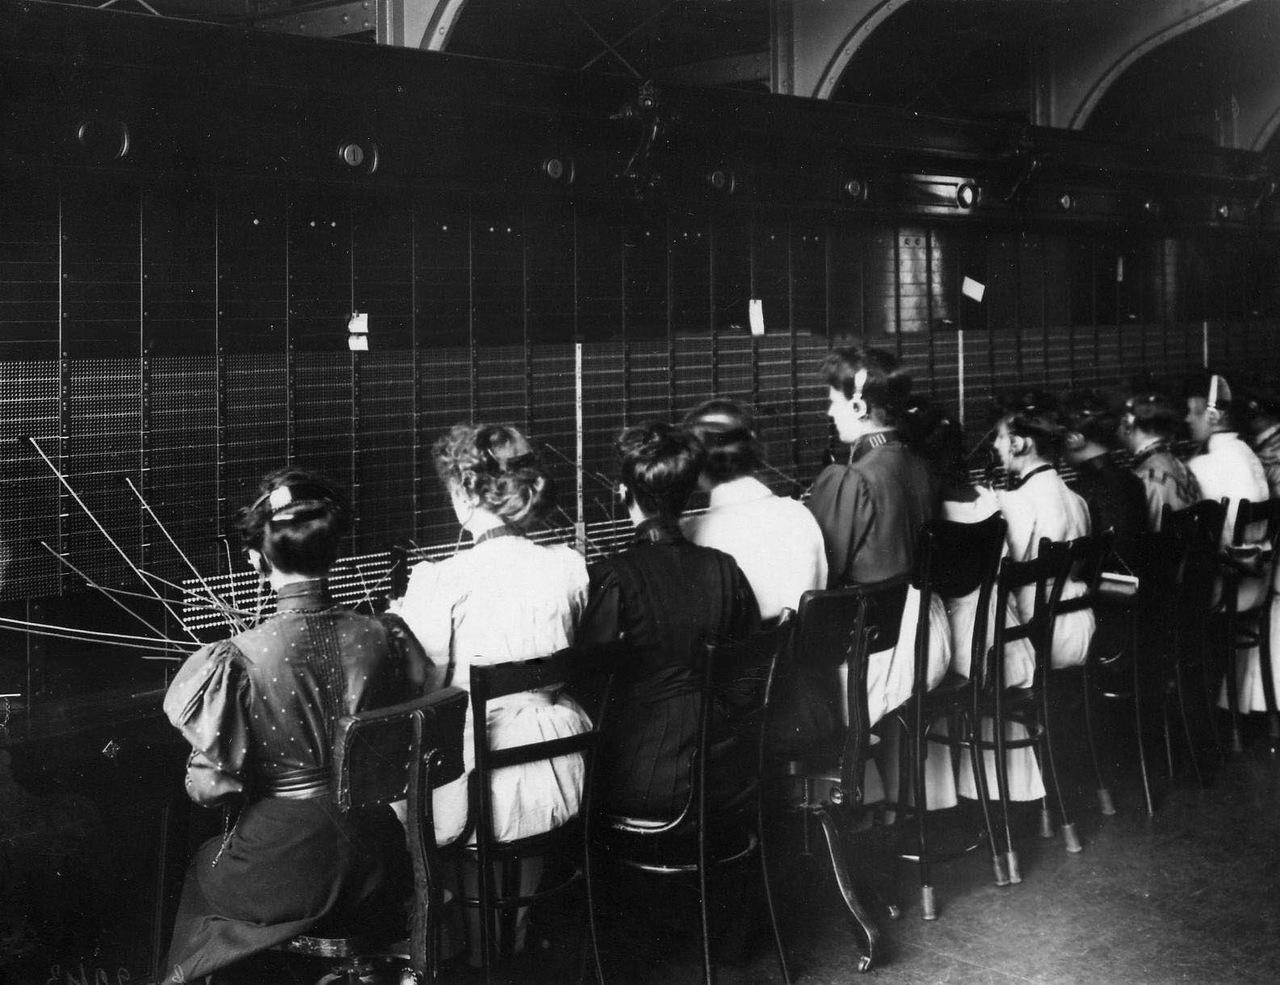 давайте еще фото первых телефонных станций месяцами работать